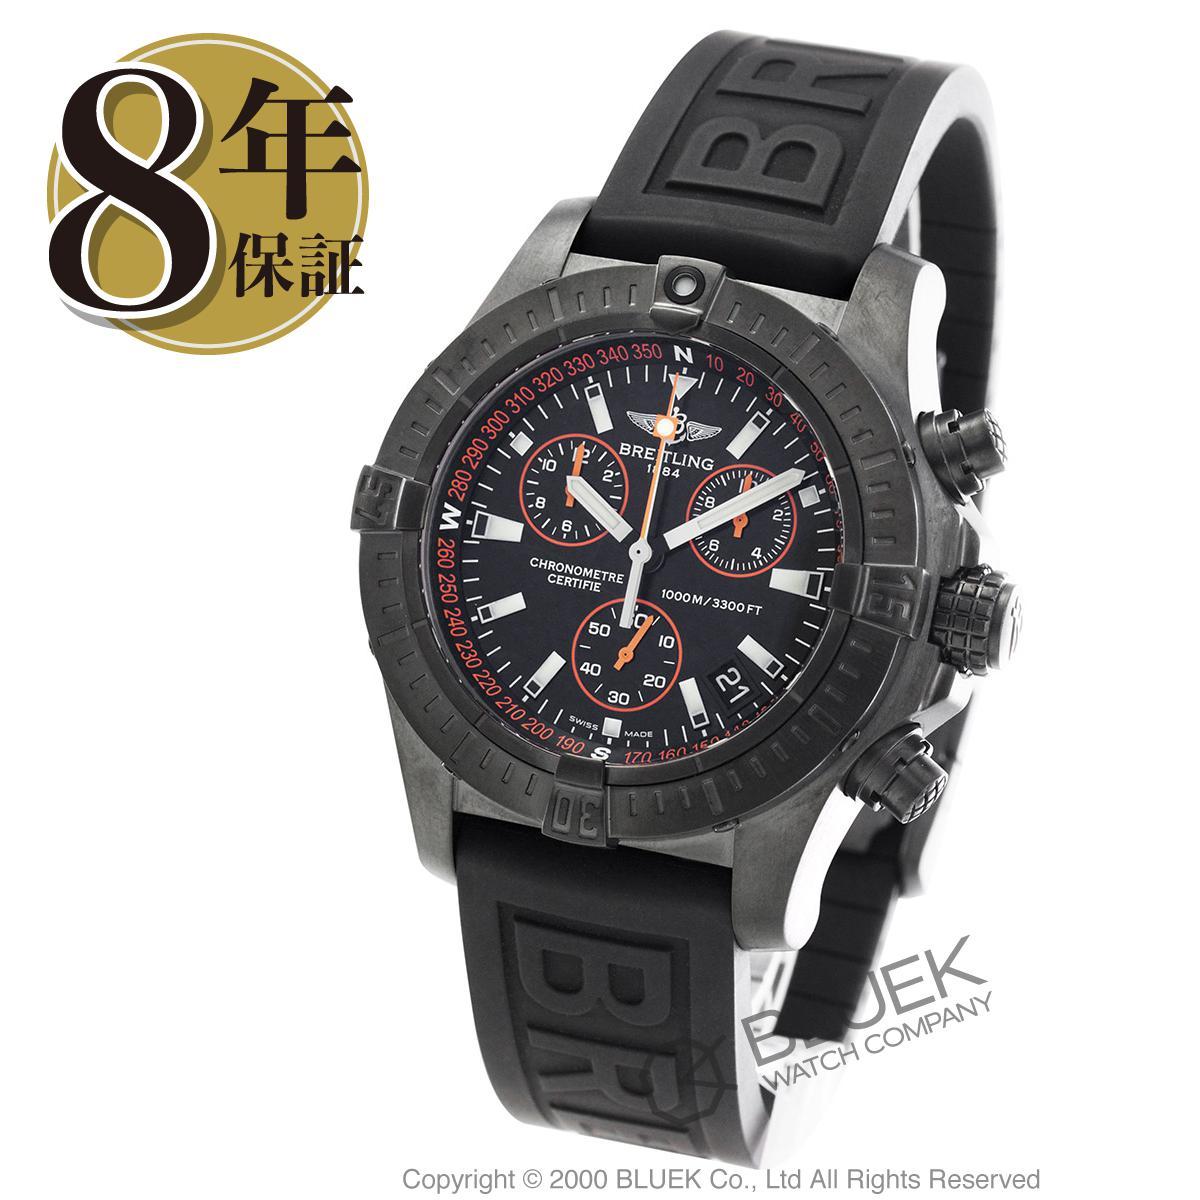 ブライトリング BREITLING 腕時計 アベンジャー シーウルフ 世界限定1000本 1000m防水 メンズ M739B88VRC_8